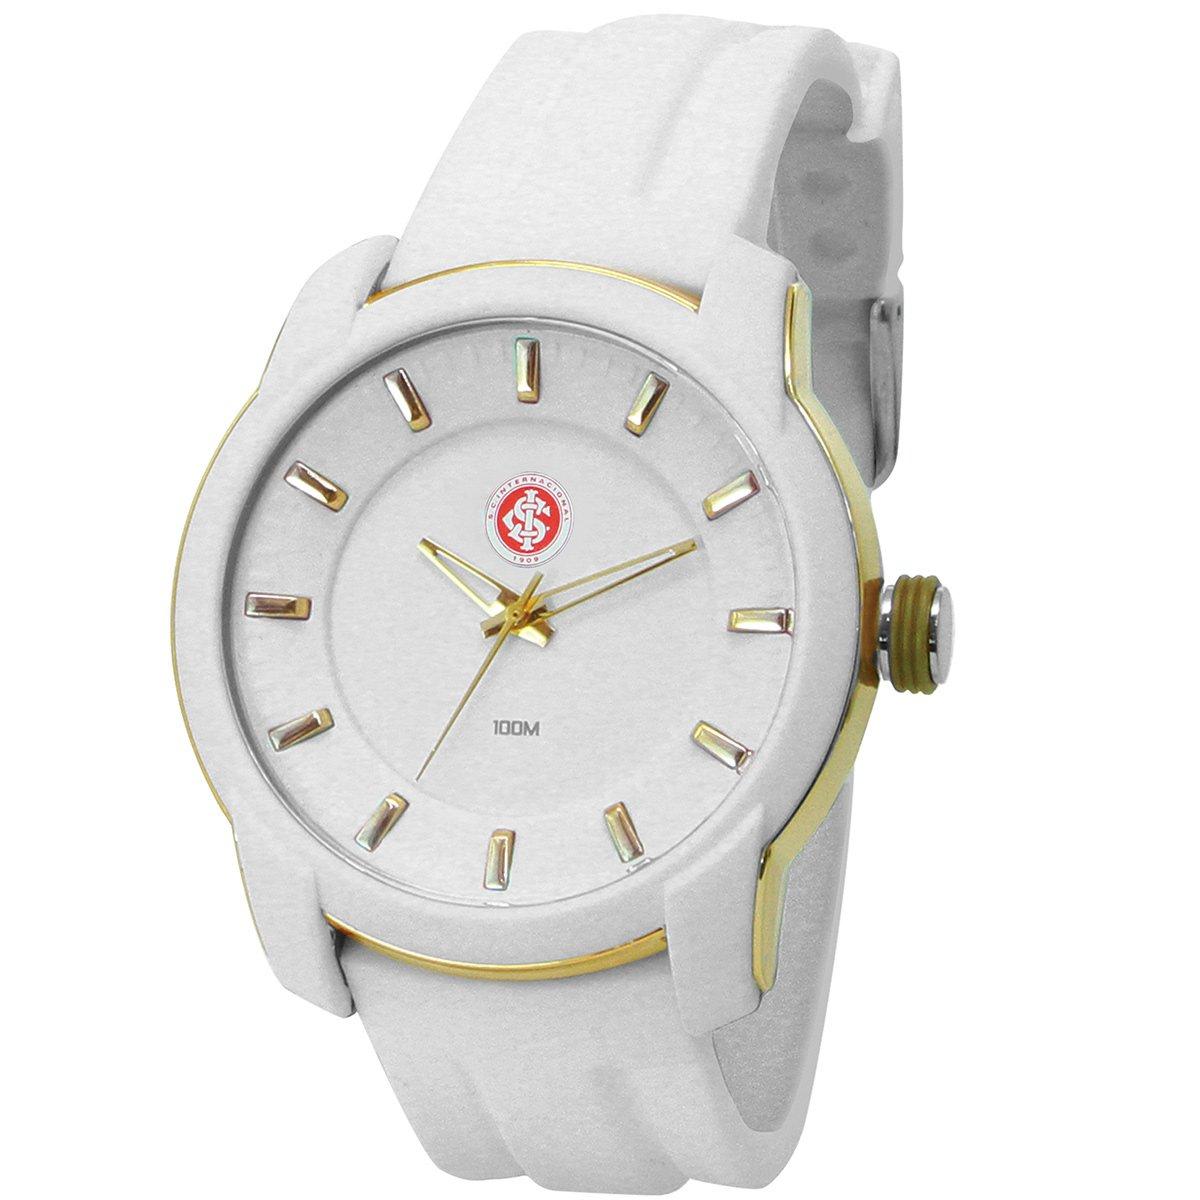 dfa33fec783 Relógio Internacional Technos Analógico II - Compre Agora